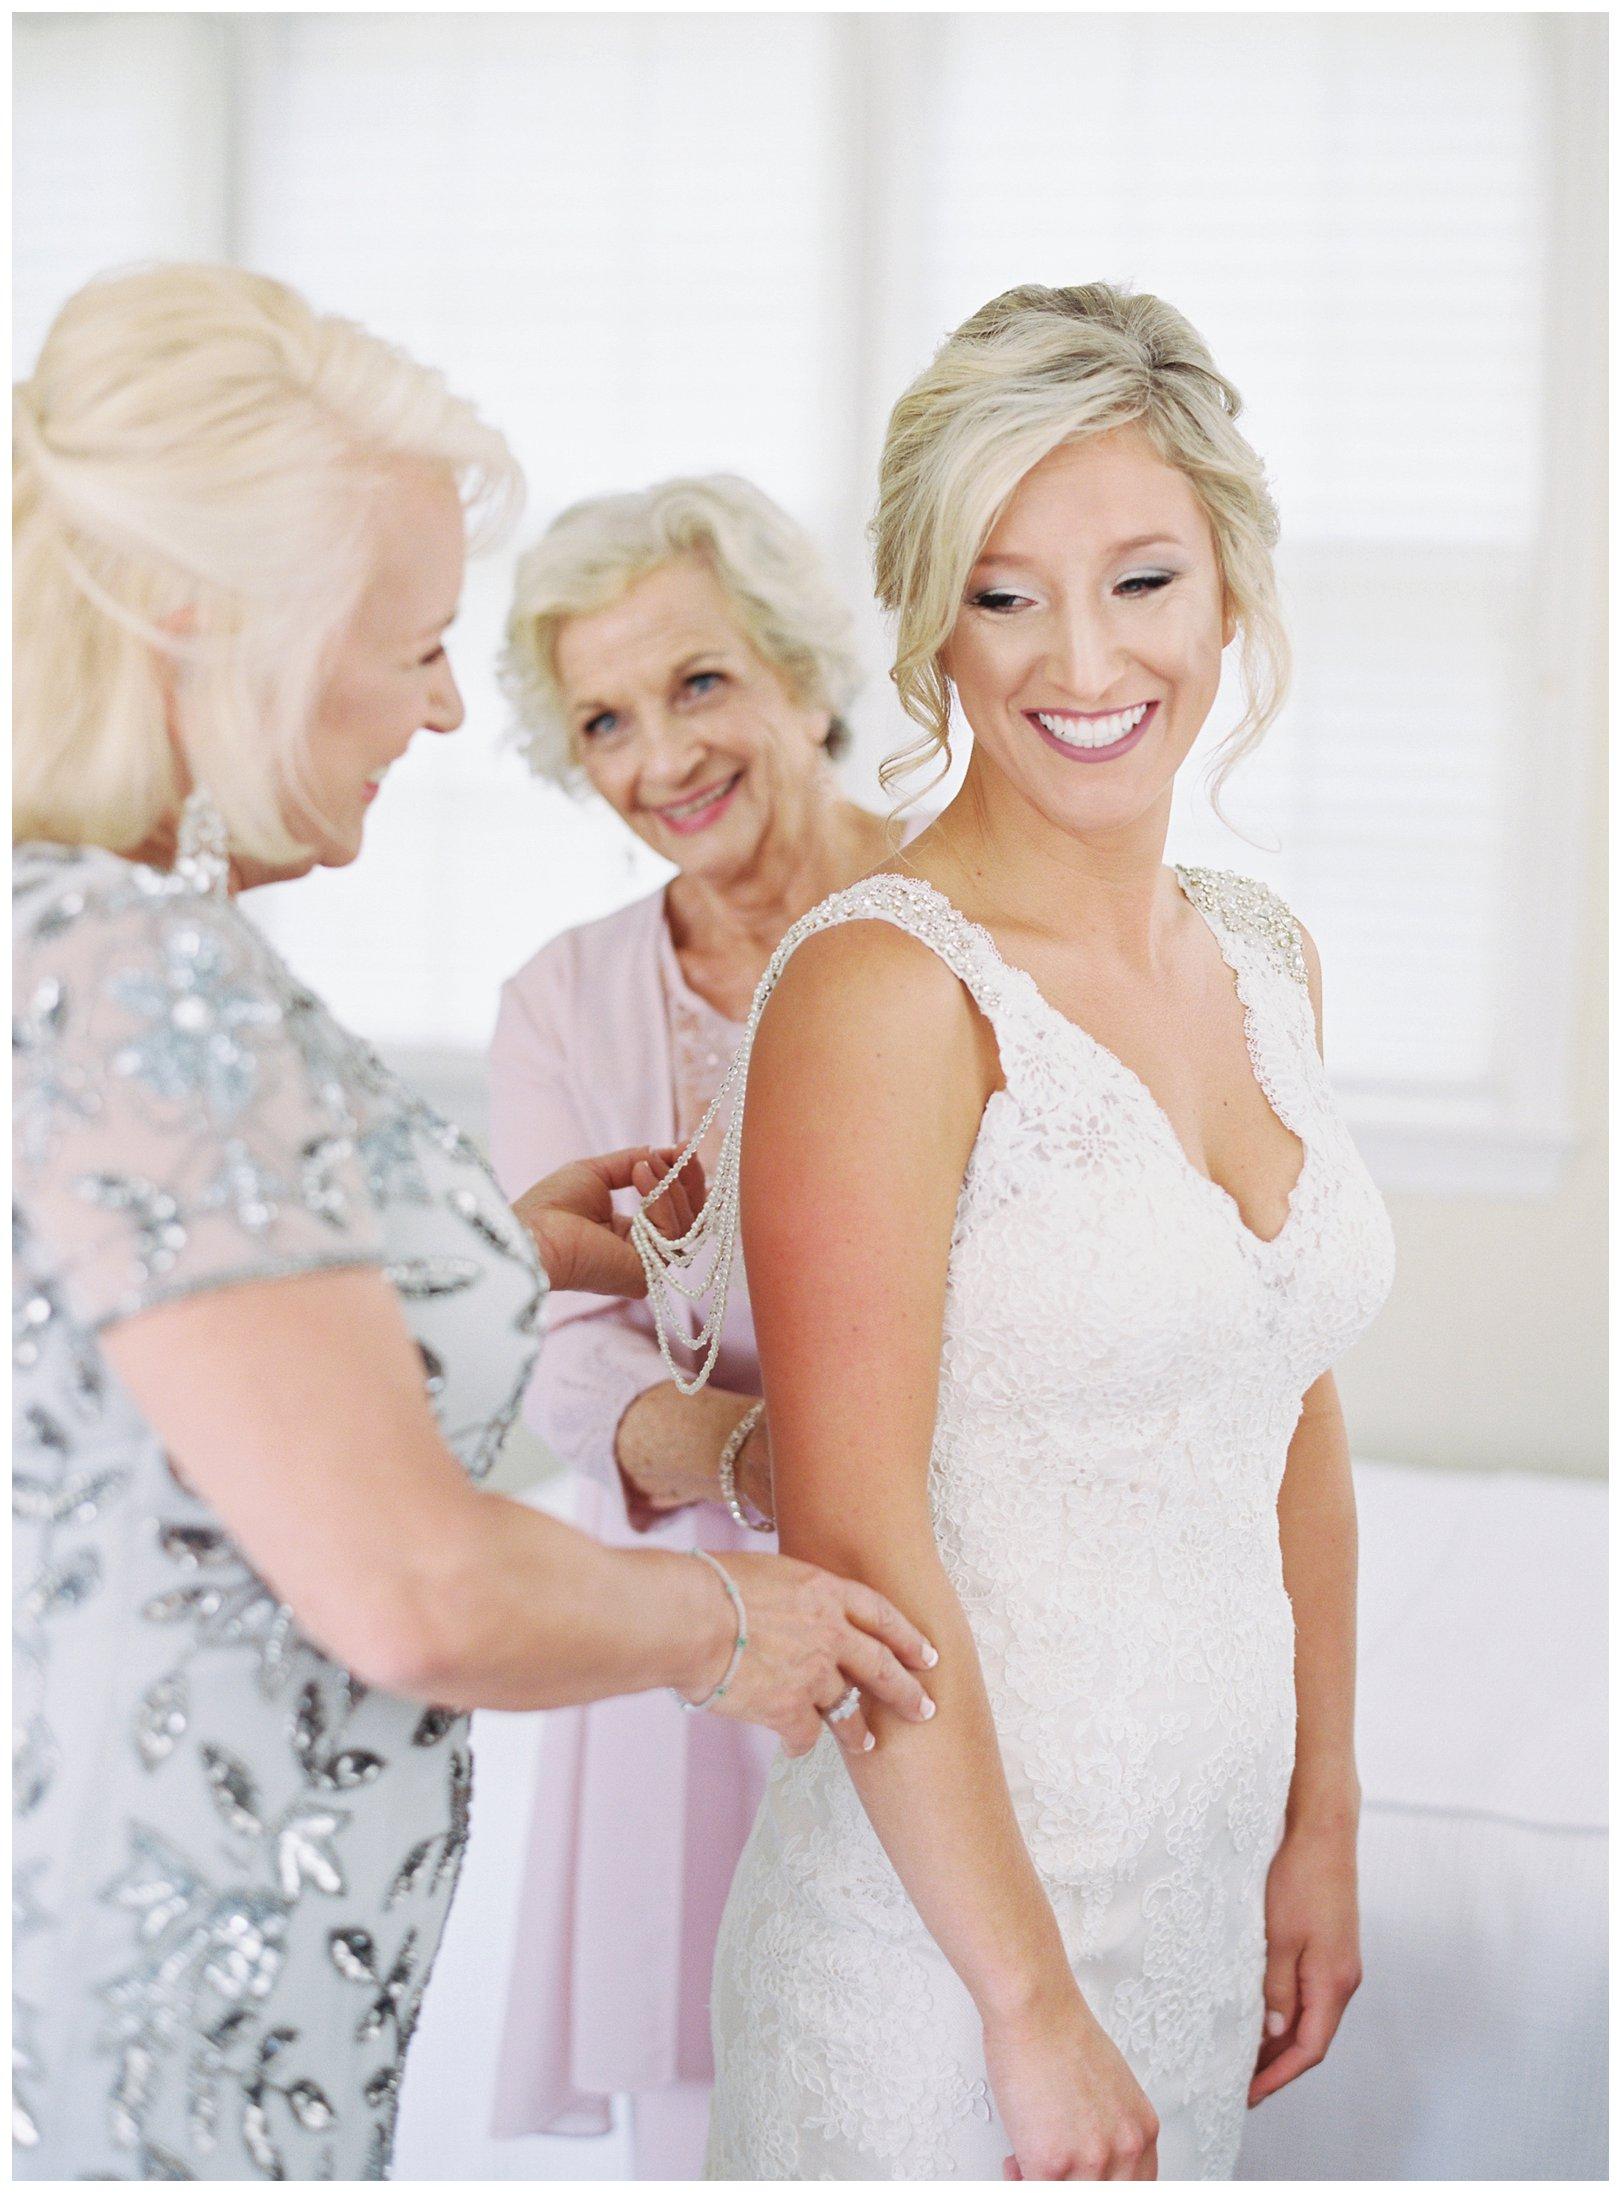 lauren muckler photography_fine art film wedding photography_st louis_photography_2362.jpg